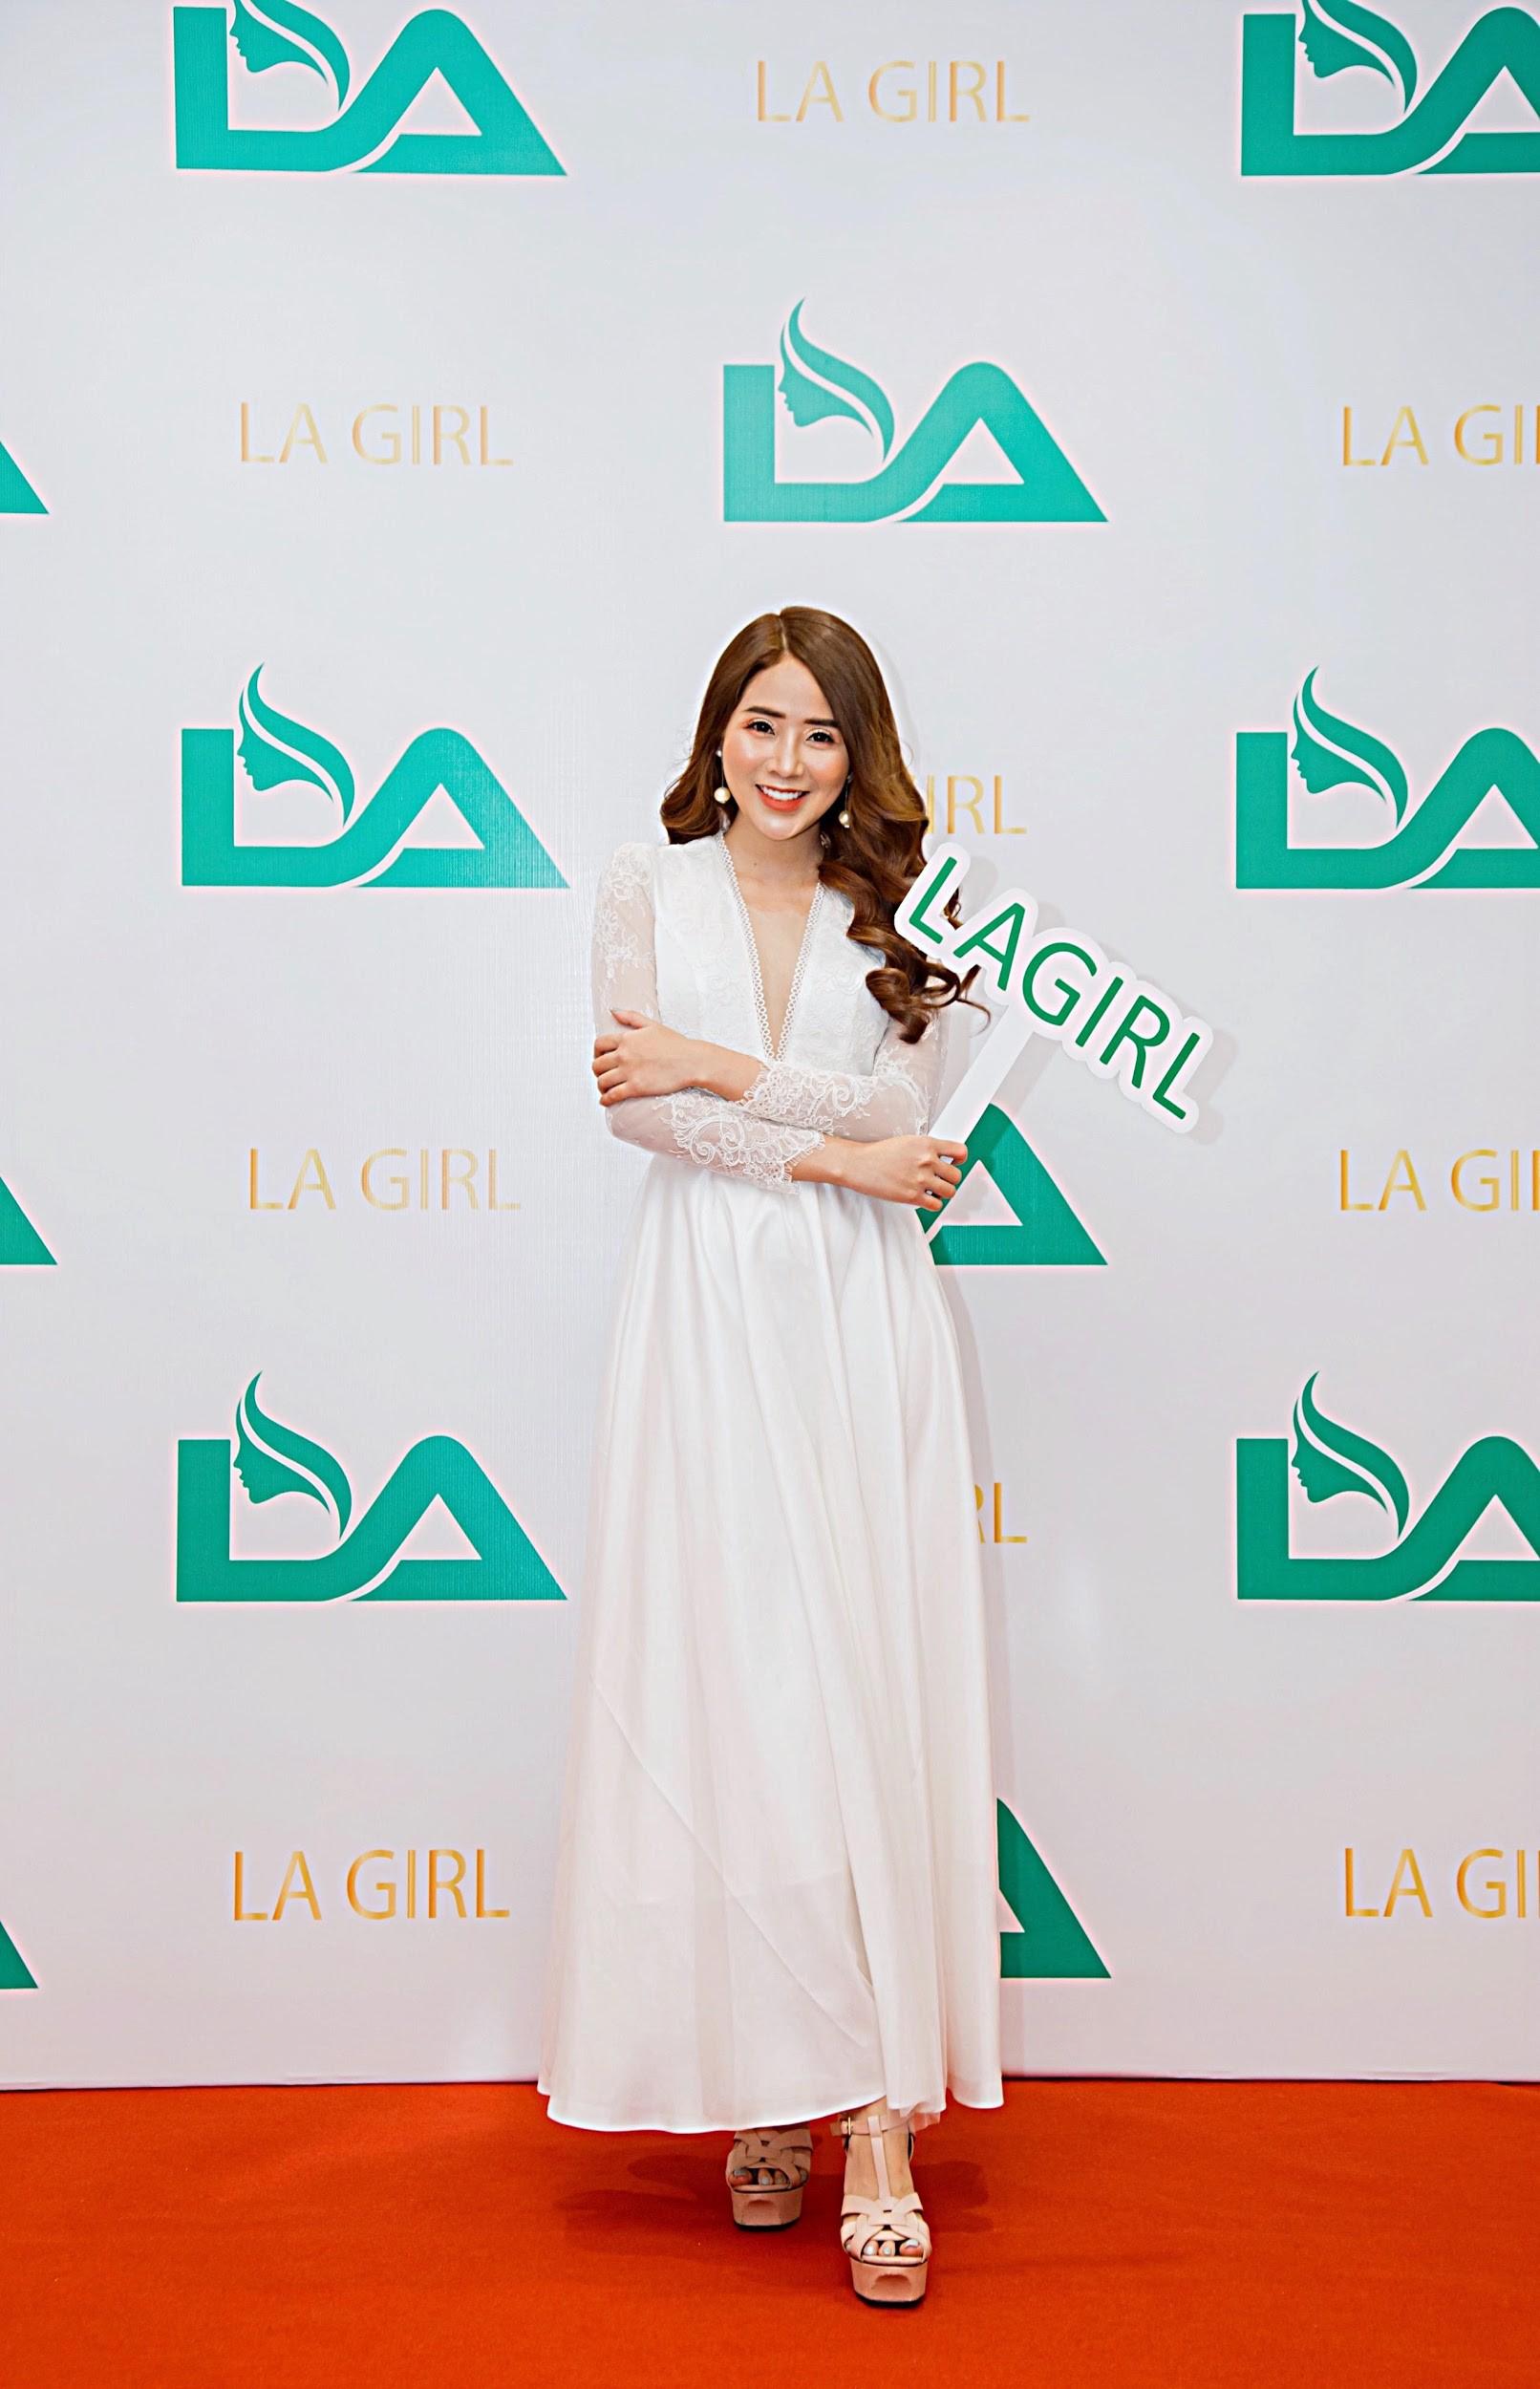 LA girl giới thiệu bộ xả gội mới hỗ trợ phục hồi tóc hư tổn ngay sau lần đầu sử dụng - Ảnh 4.